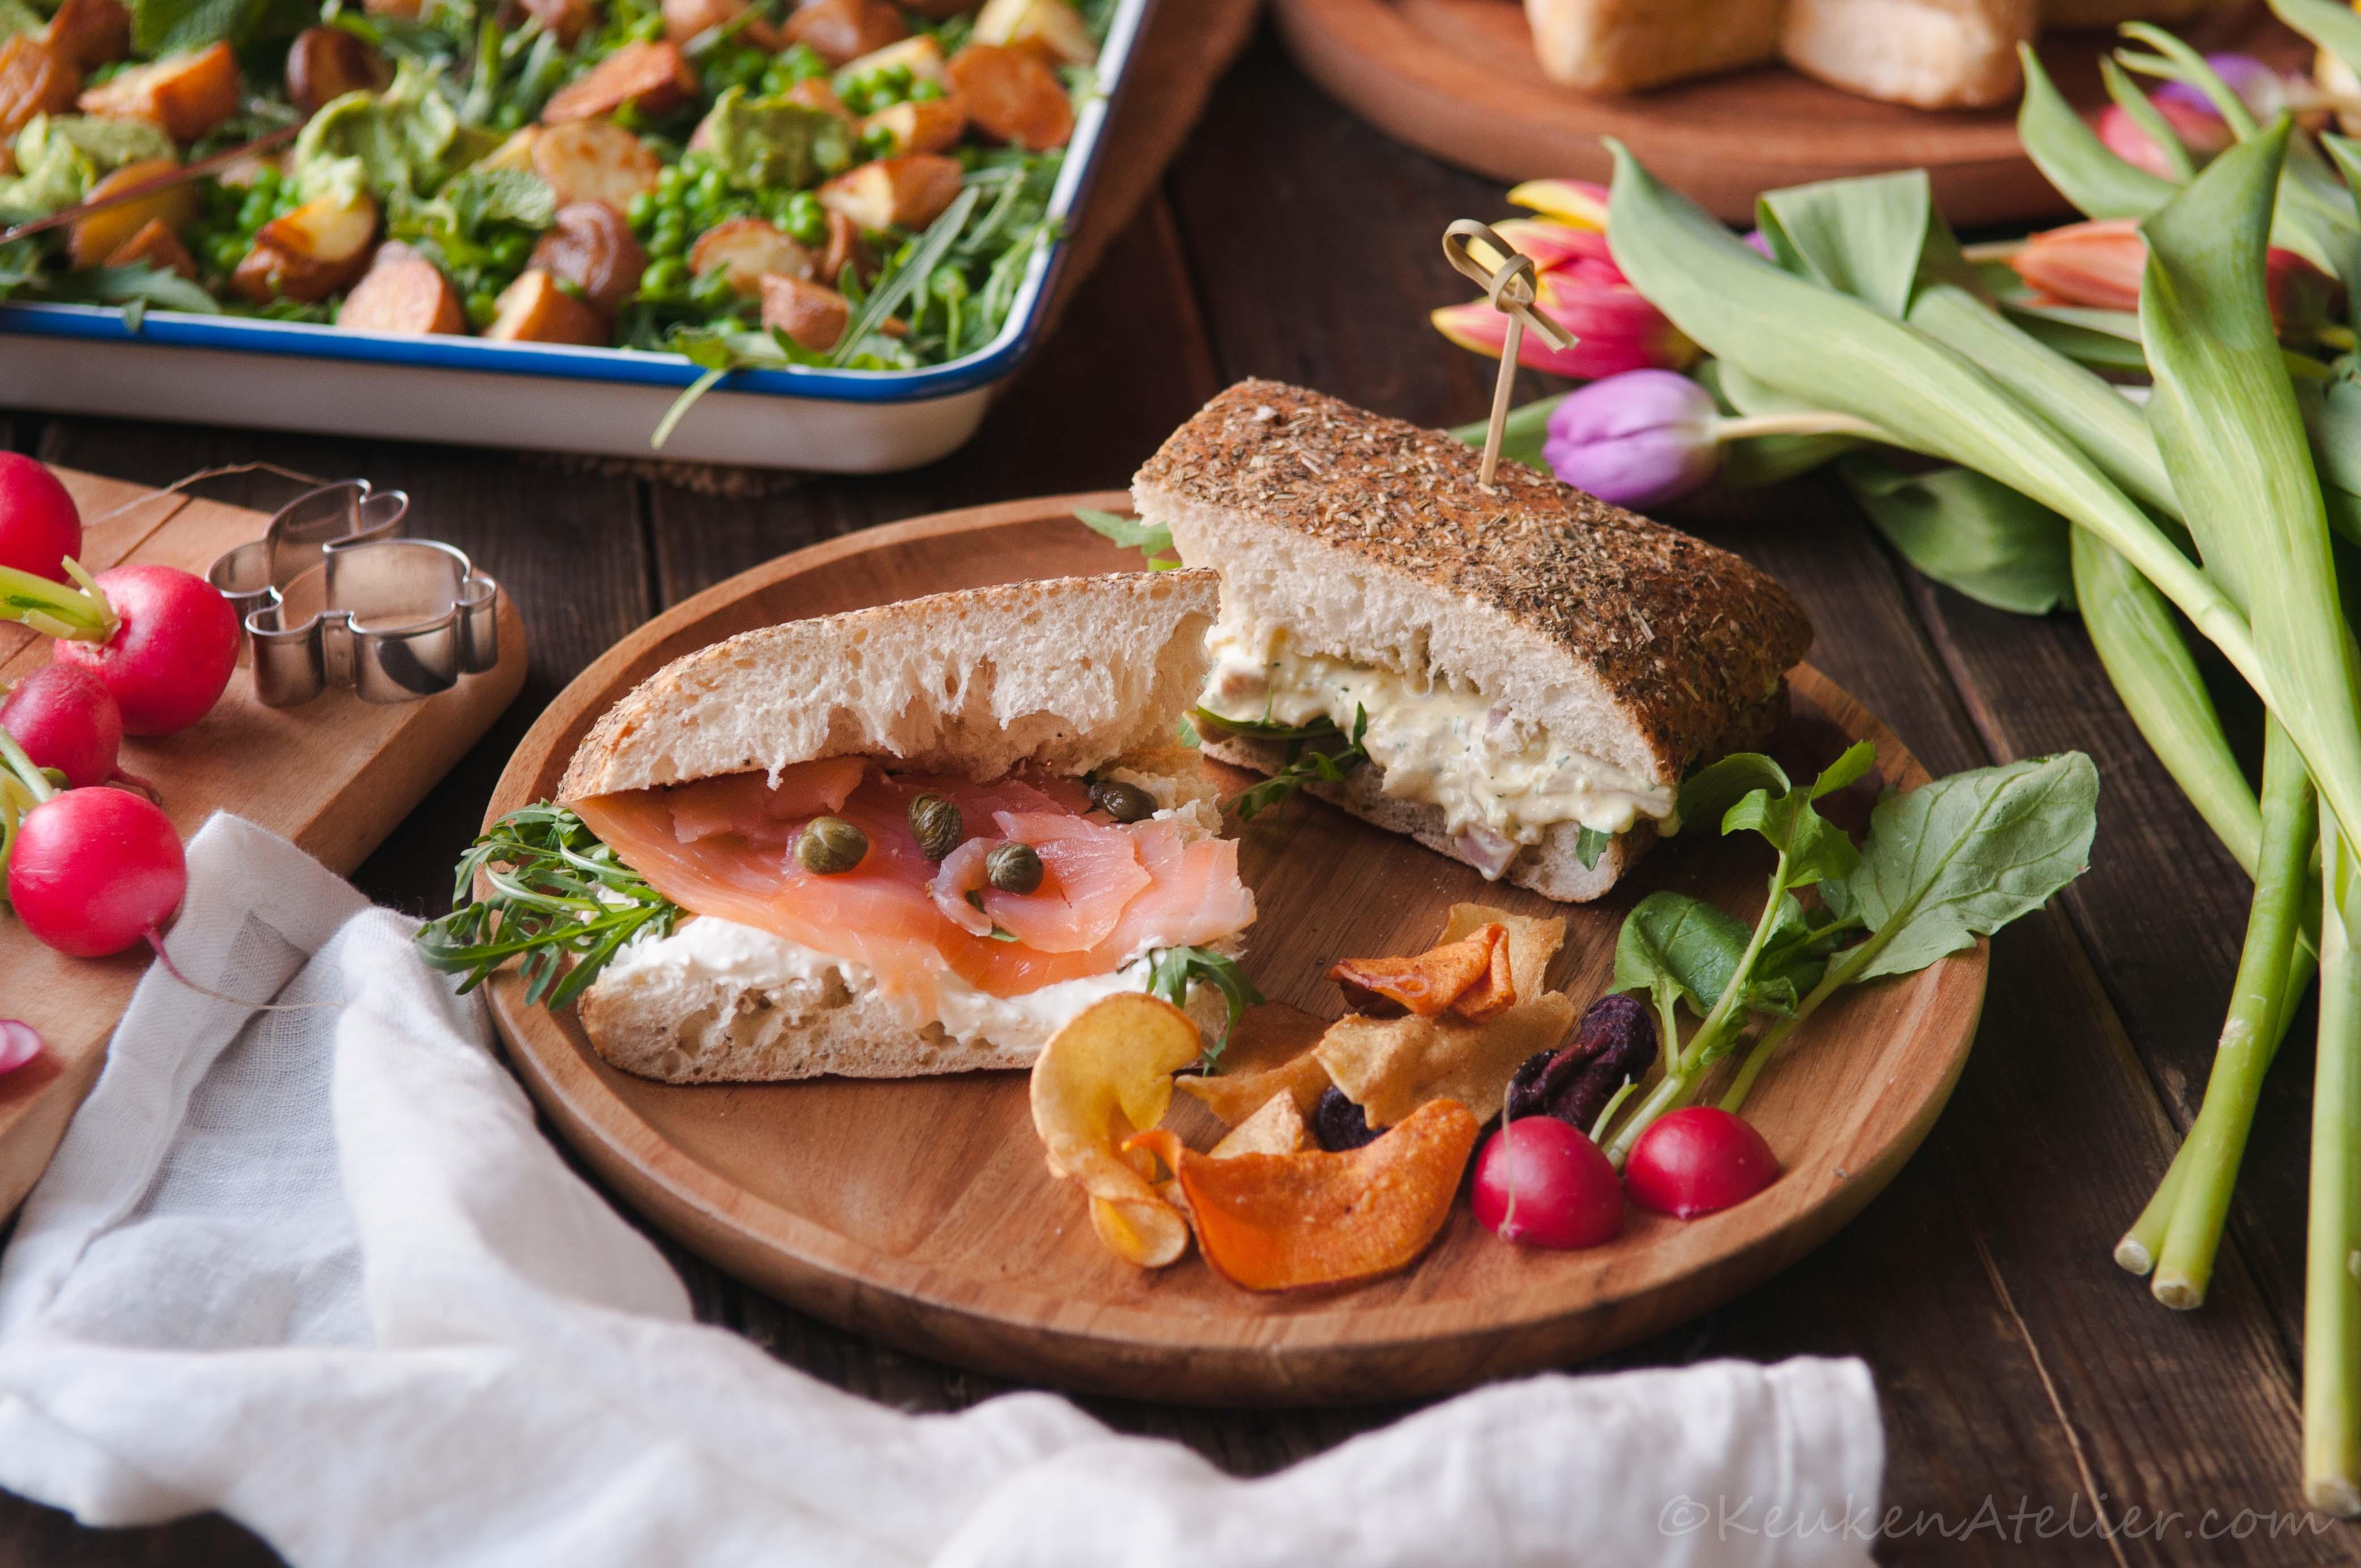 Sandwich Voojaar KeukenAtelier.com